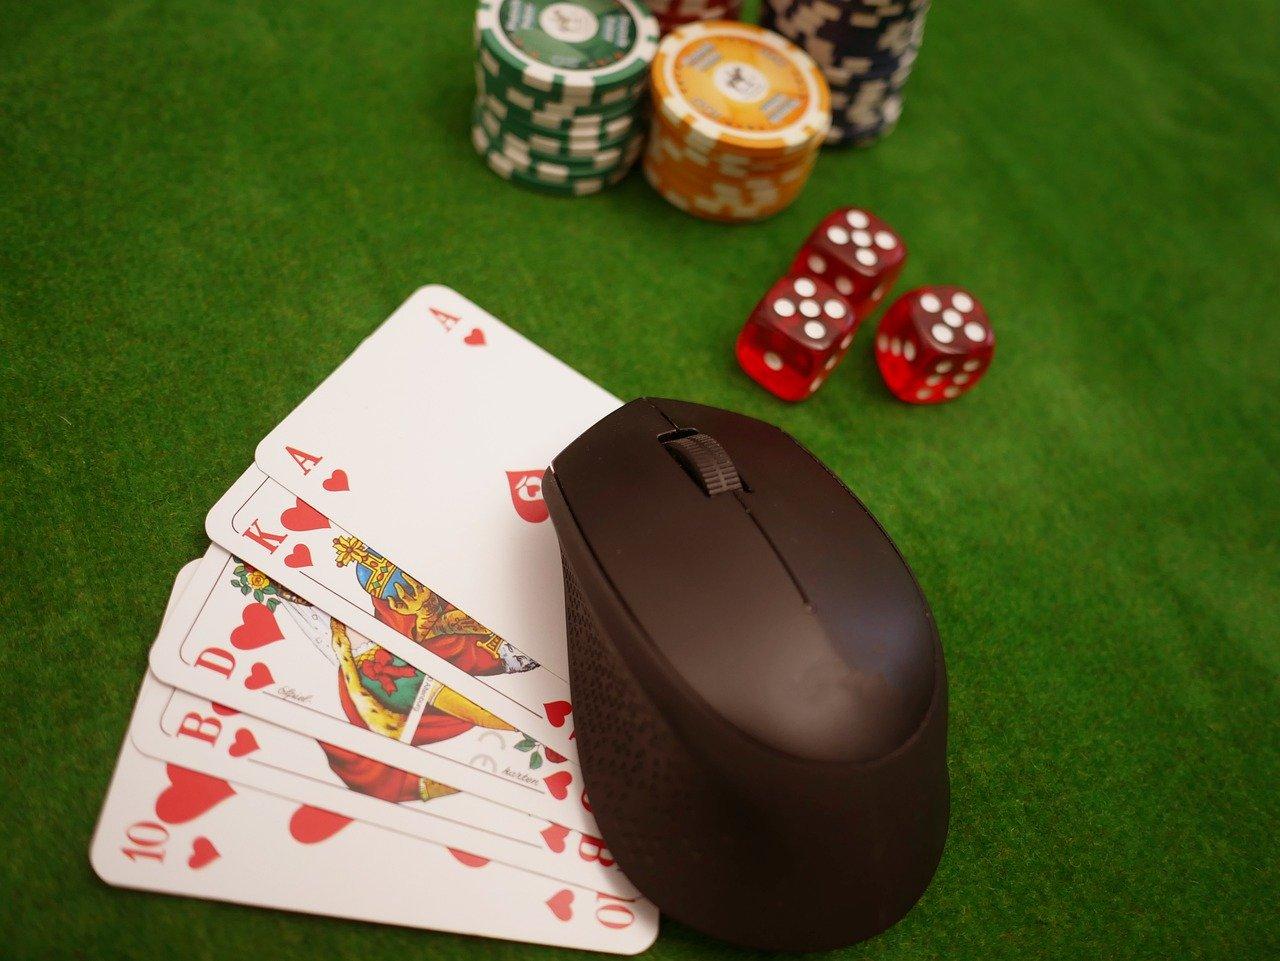 ライブカジノの上昇と運営方法